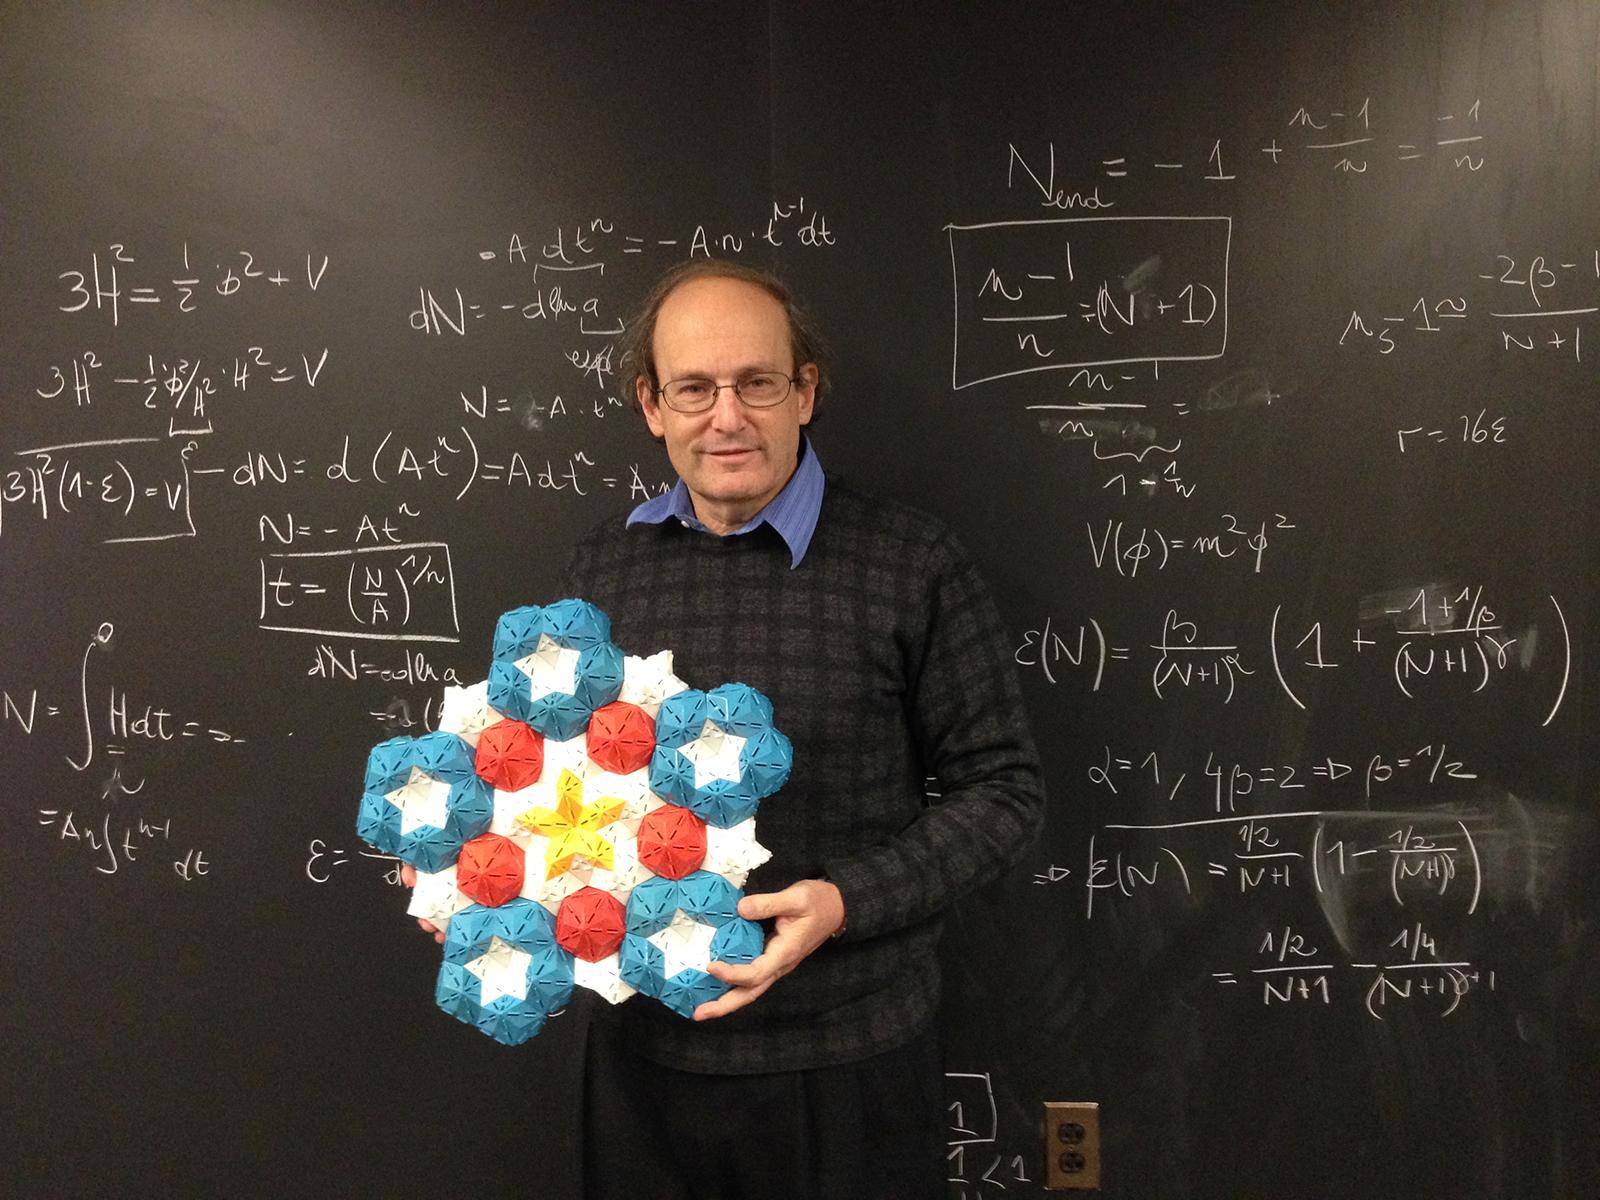 Paul Steinhardt, en plan Rafiki de la simetría pentagonal